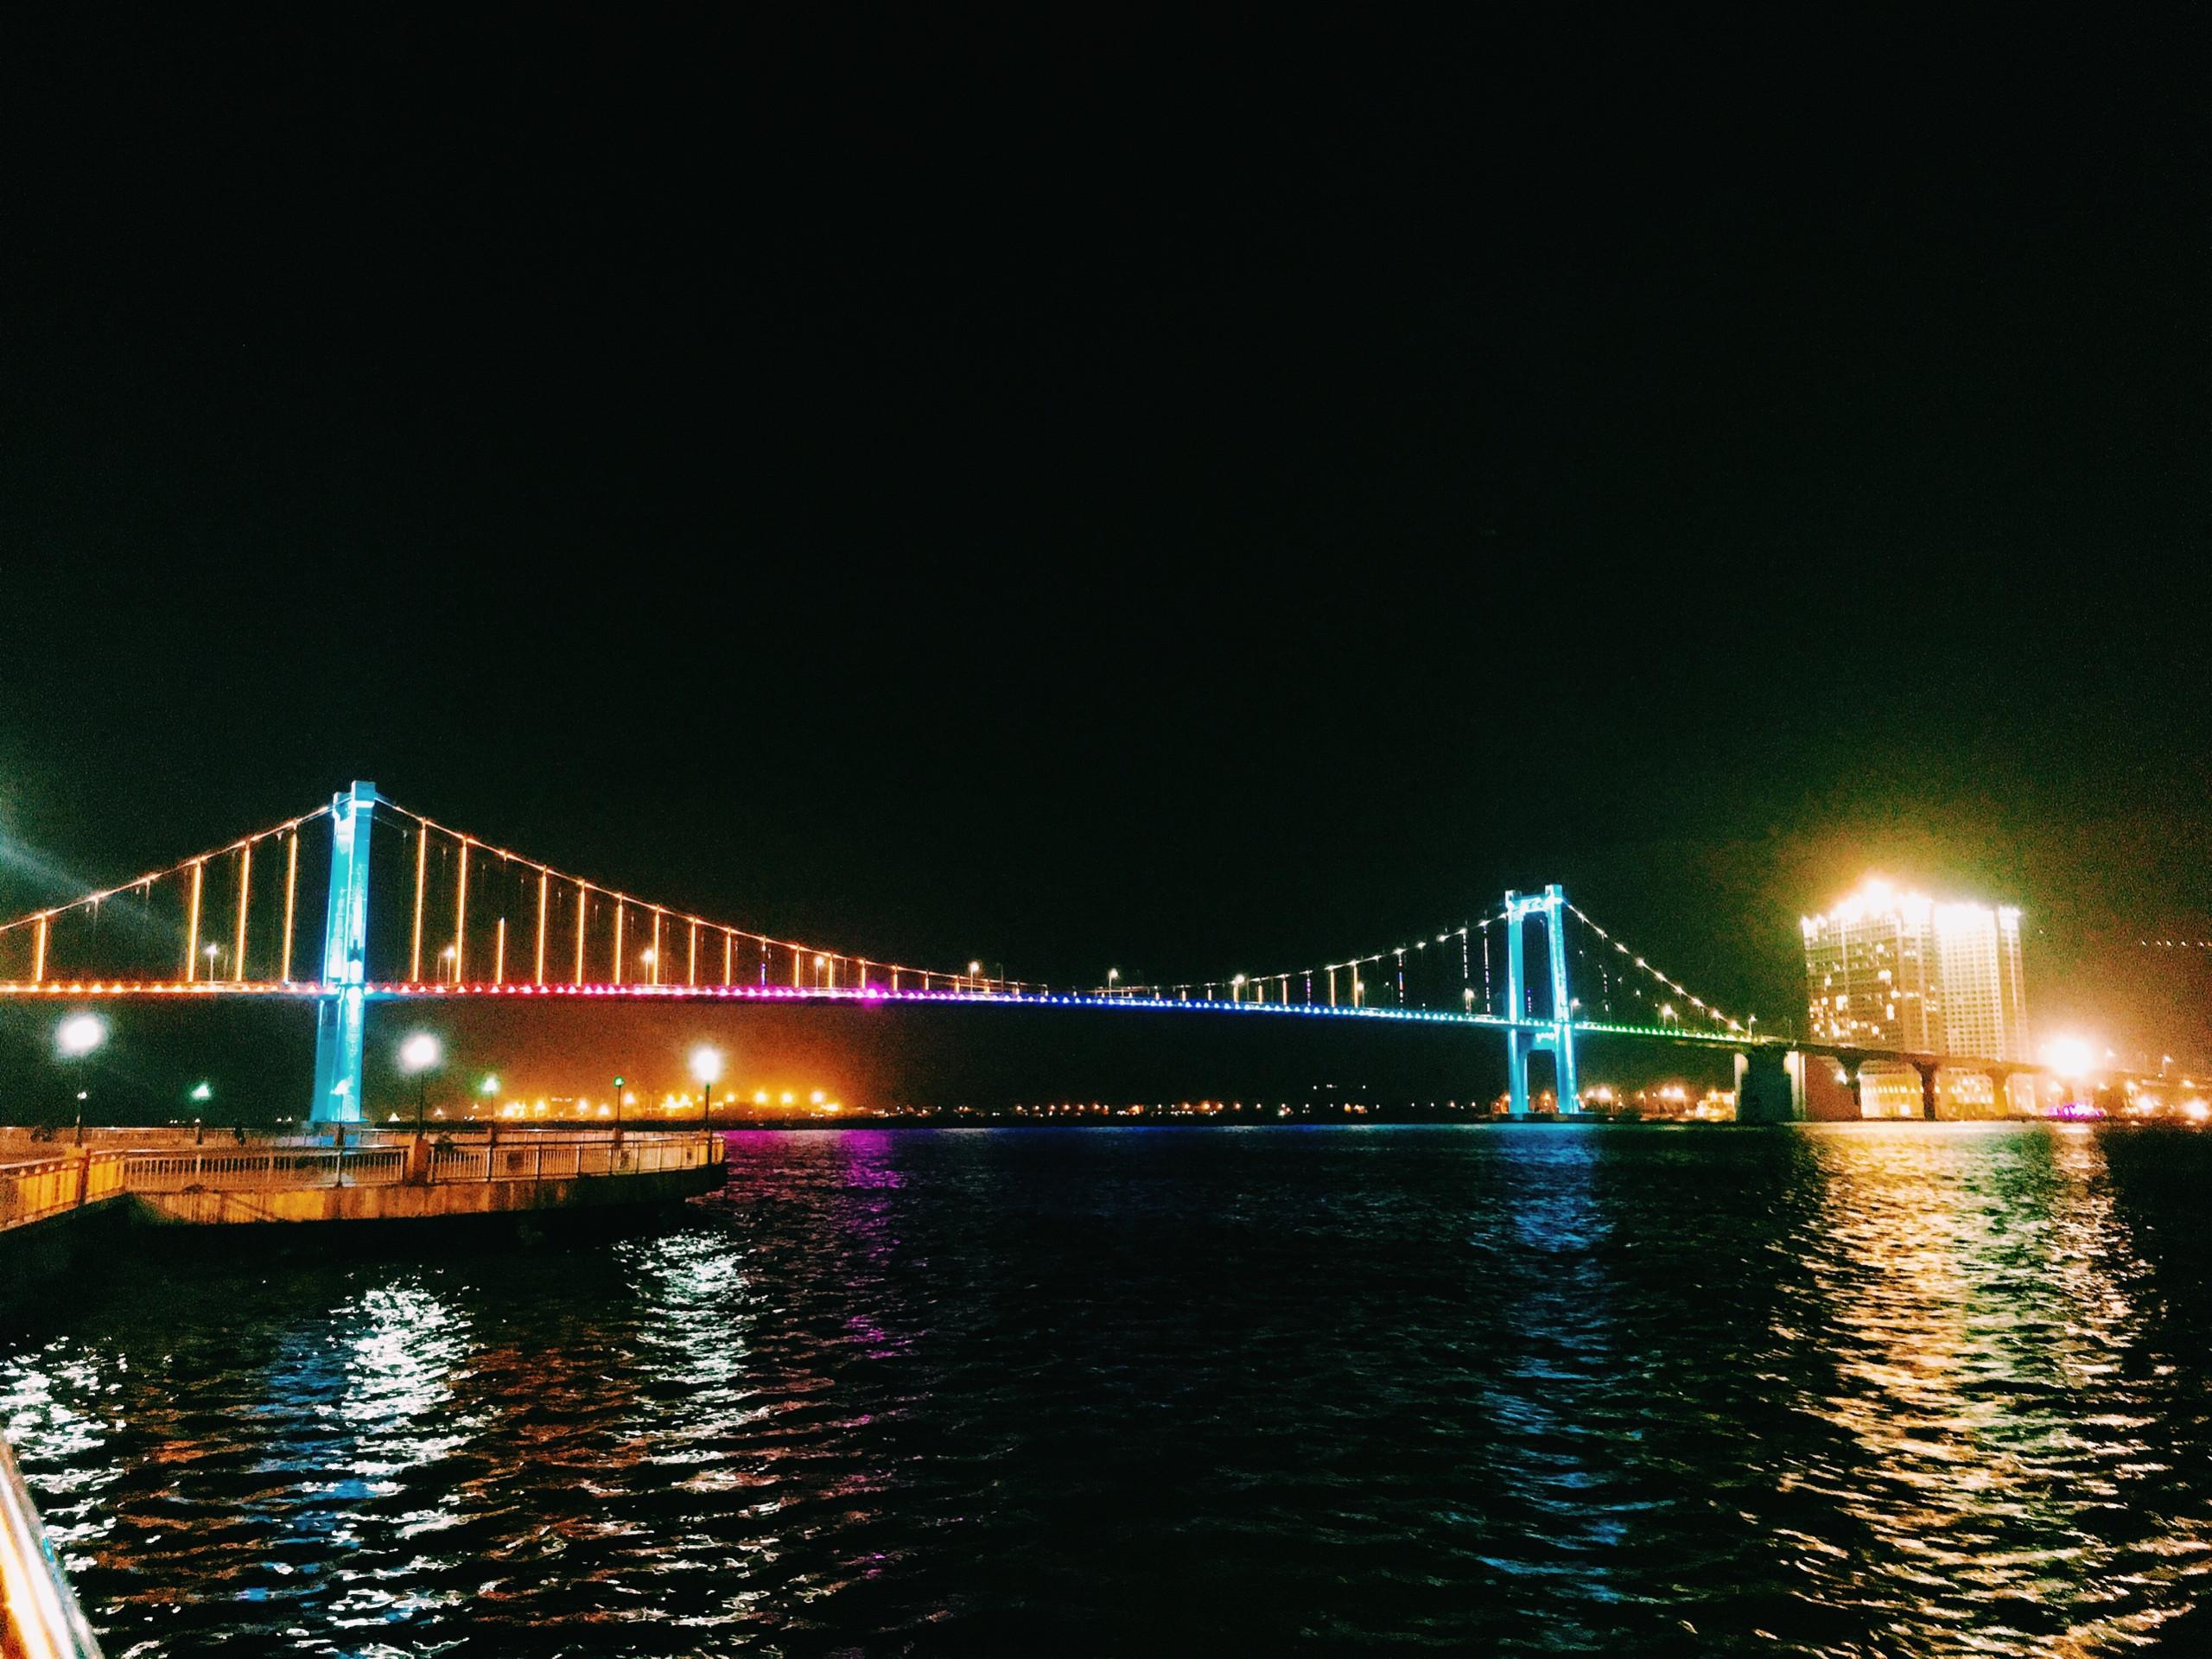 Cầu Thuận Phước – Cầu treo dây võng dài nhất Việt Nam